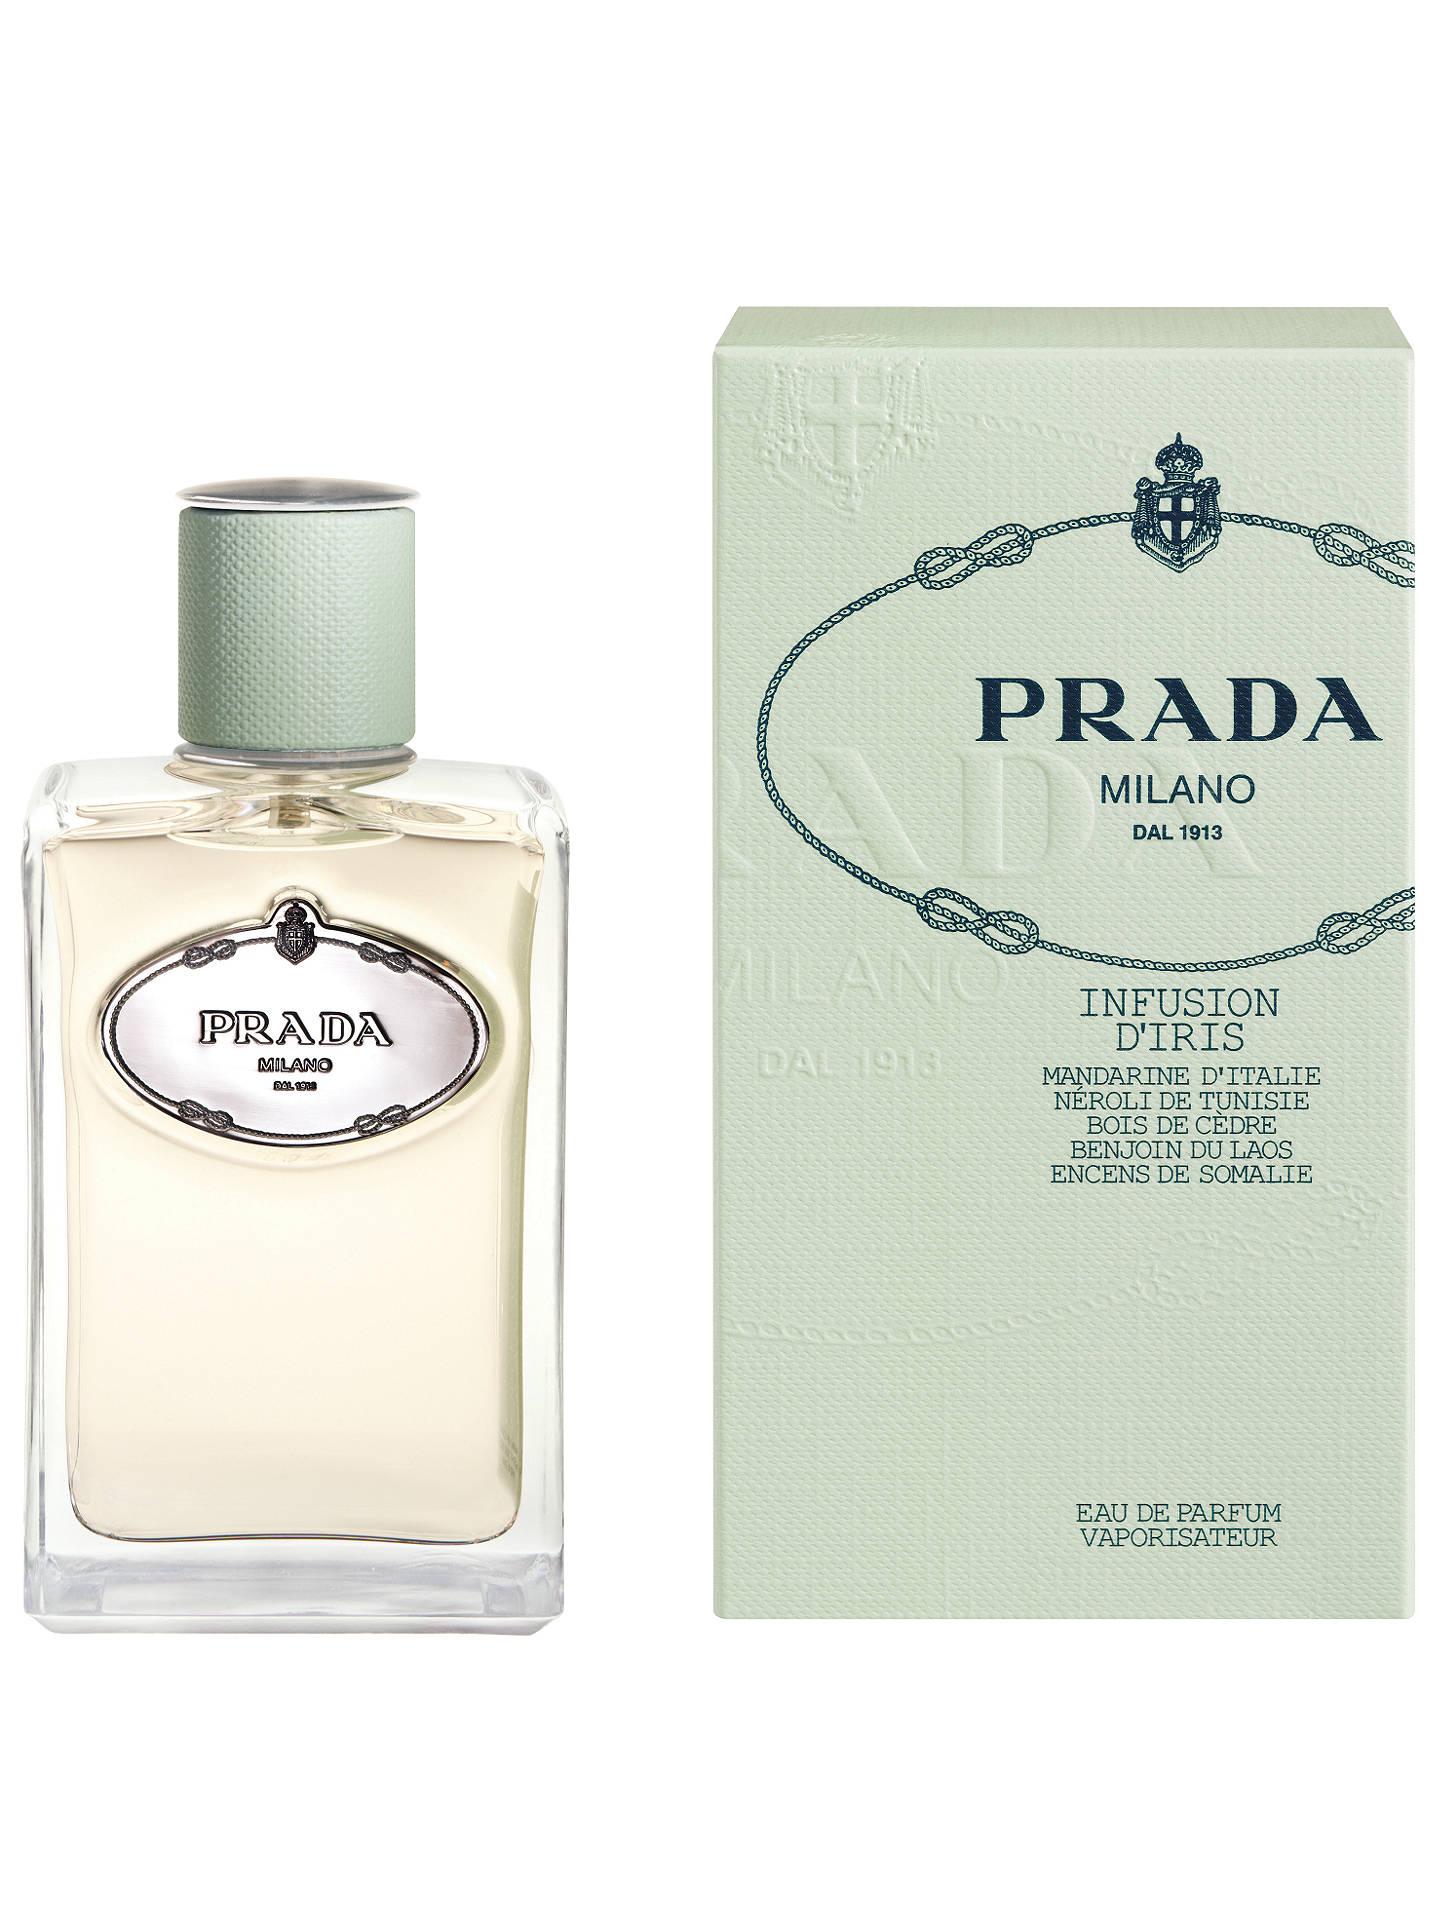 bf0b4d455c Prada Infusion d'Iris Eau de Parfum at John Lewis & Partners